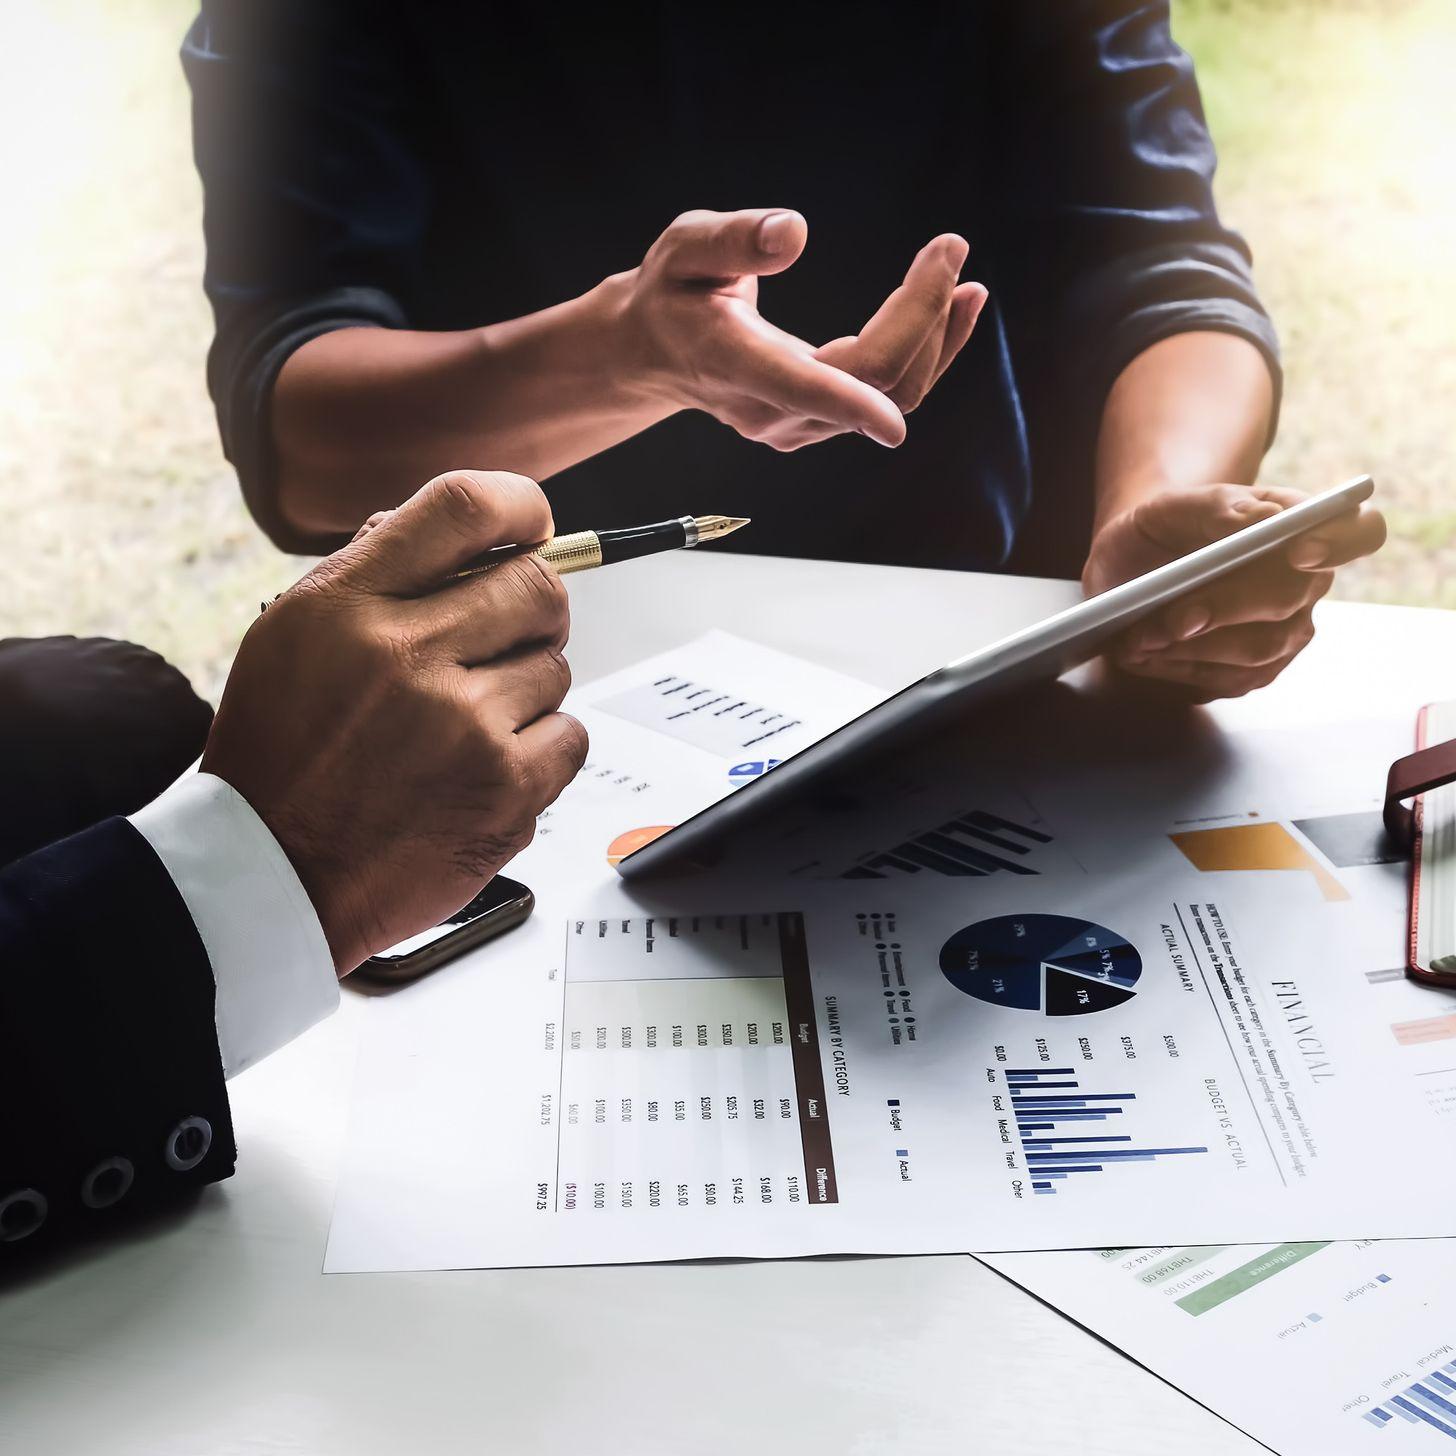 finance_forecasting_planning.jpg